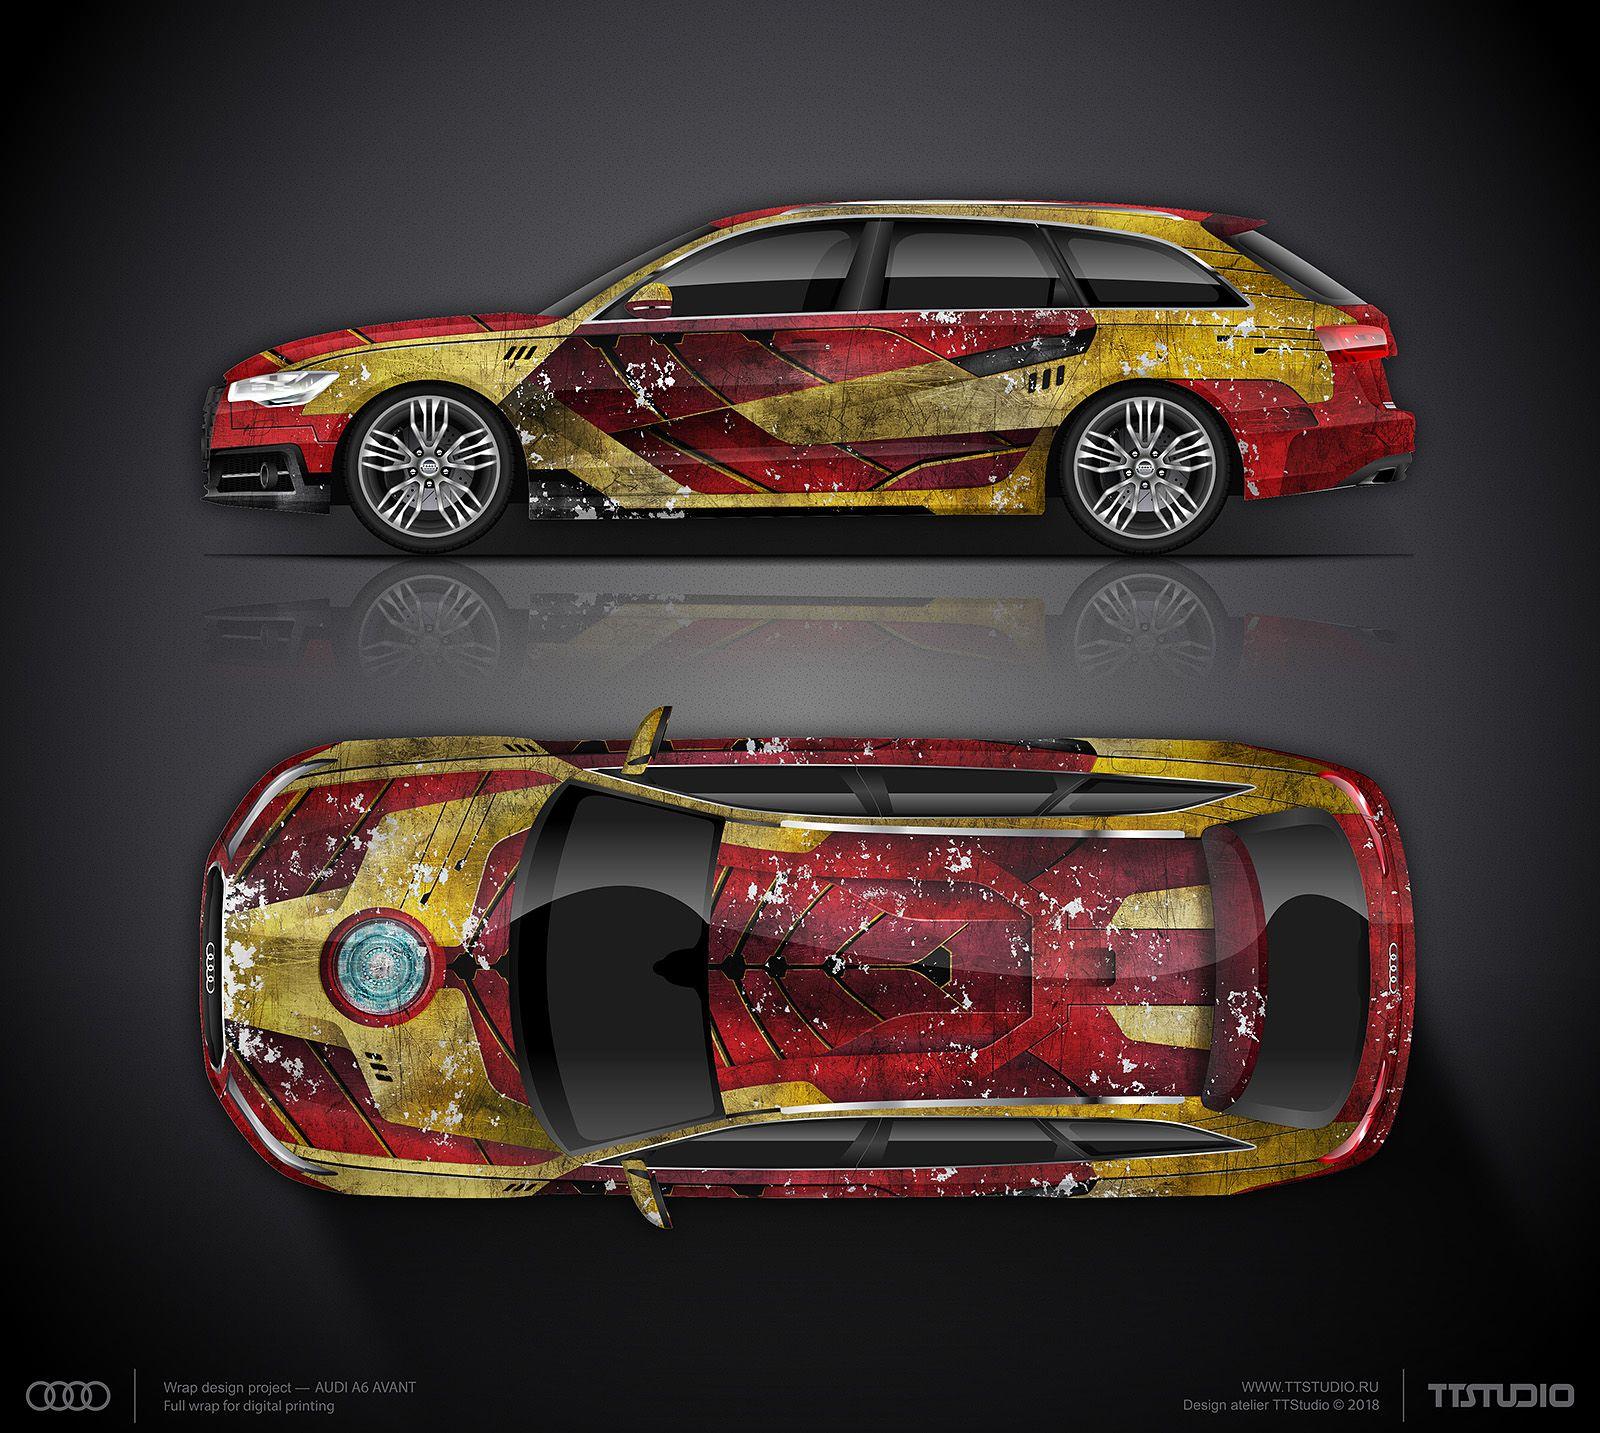 Iron Man Wrap Design Concept